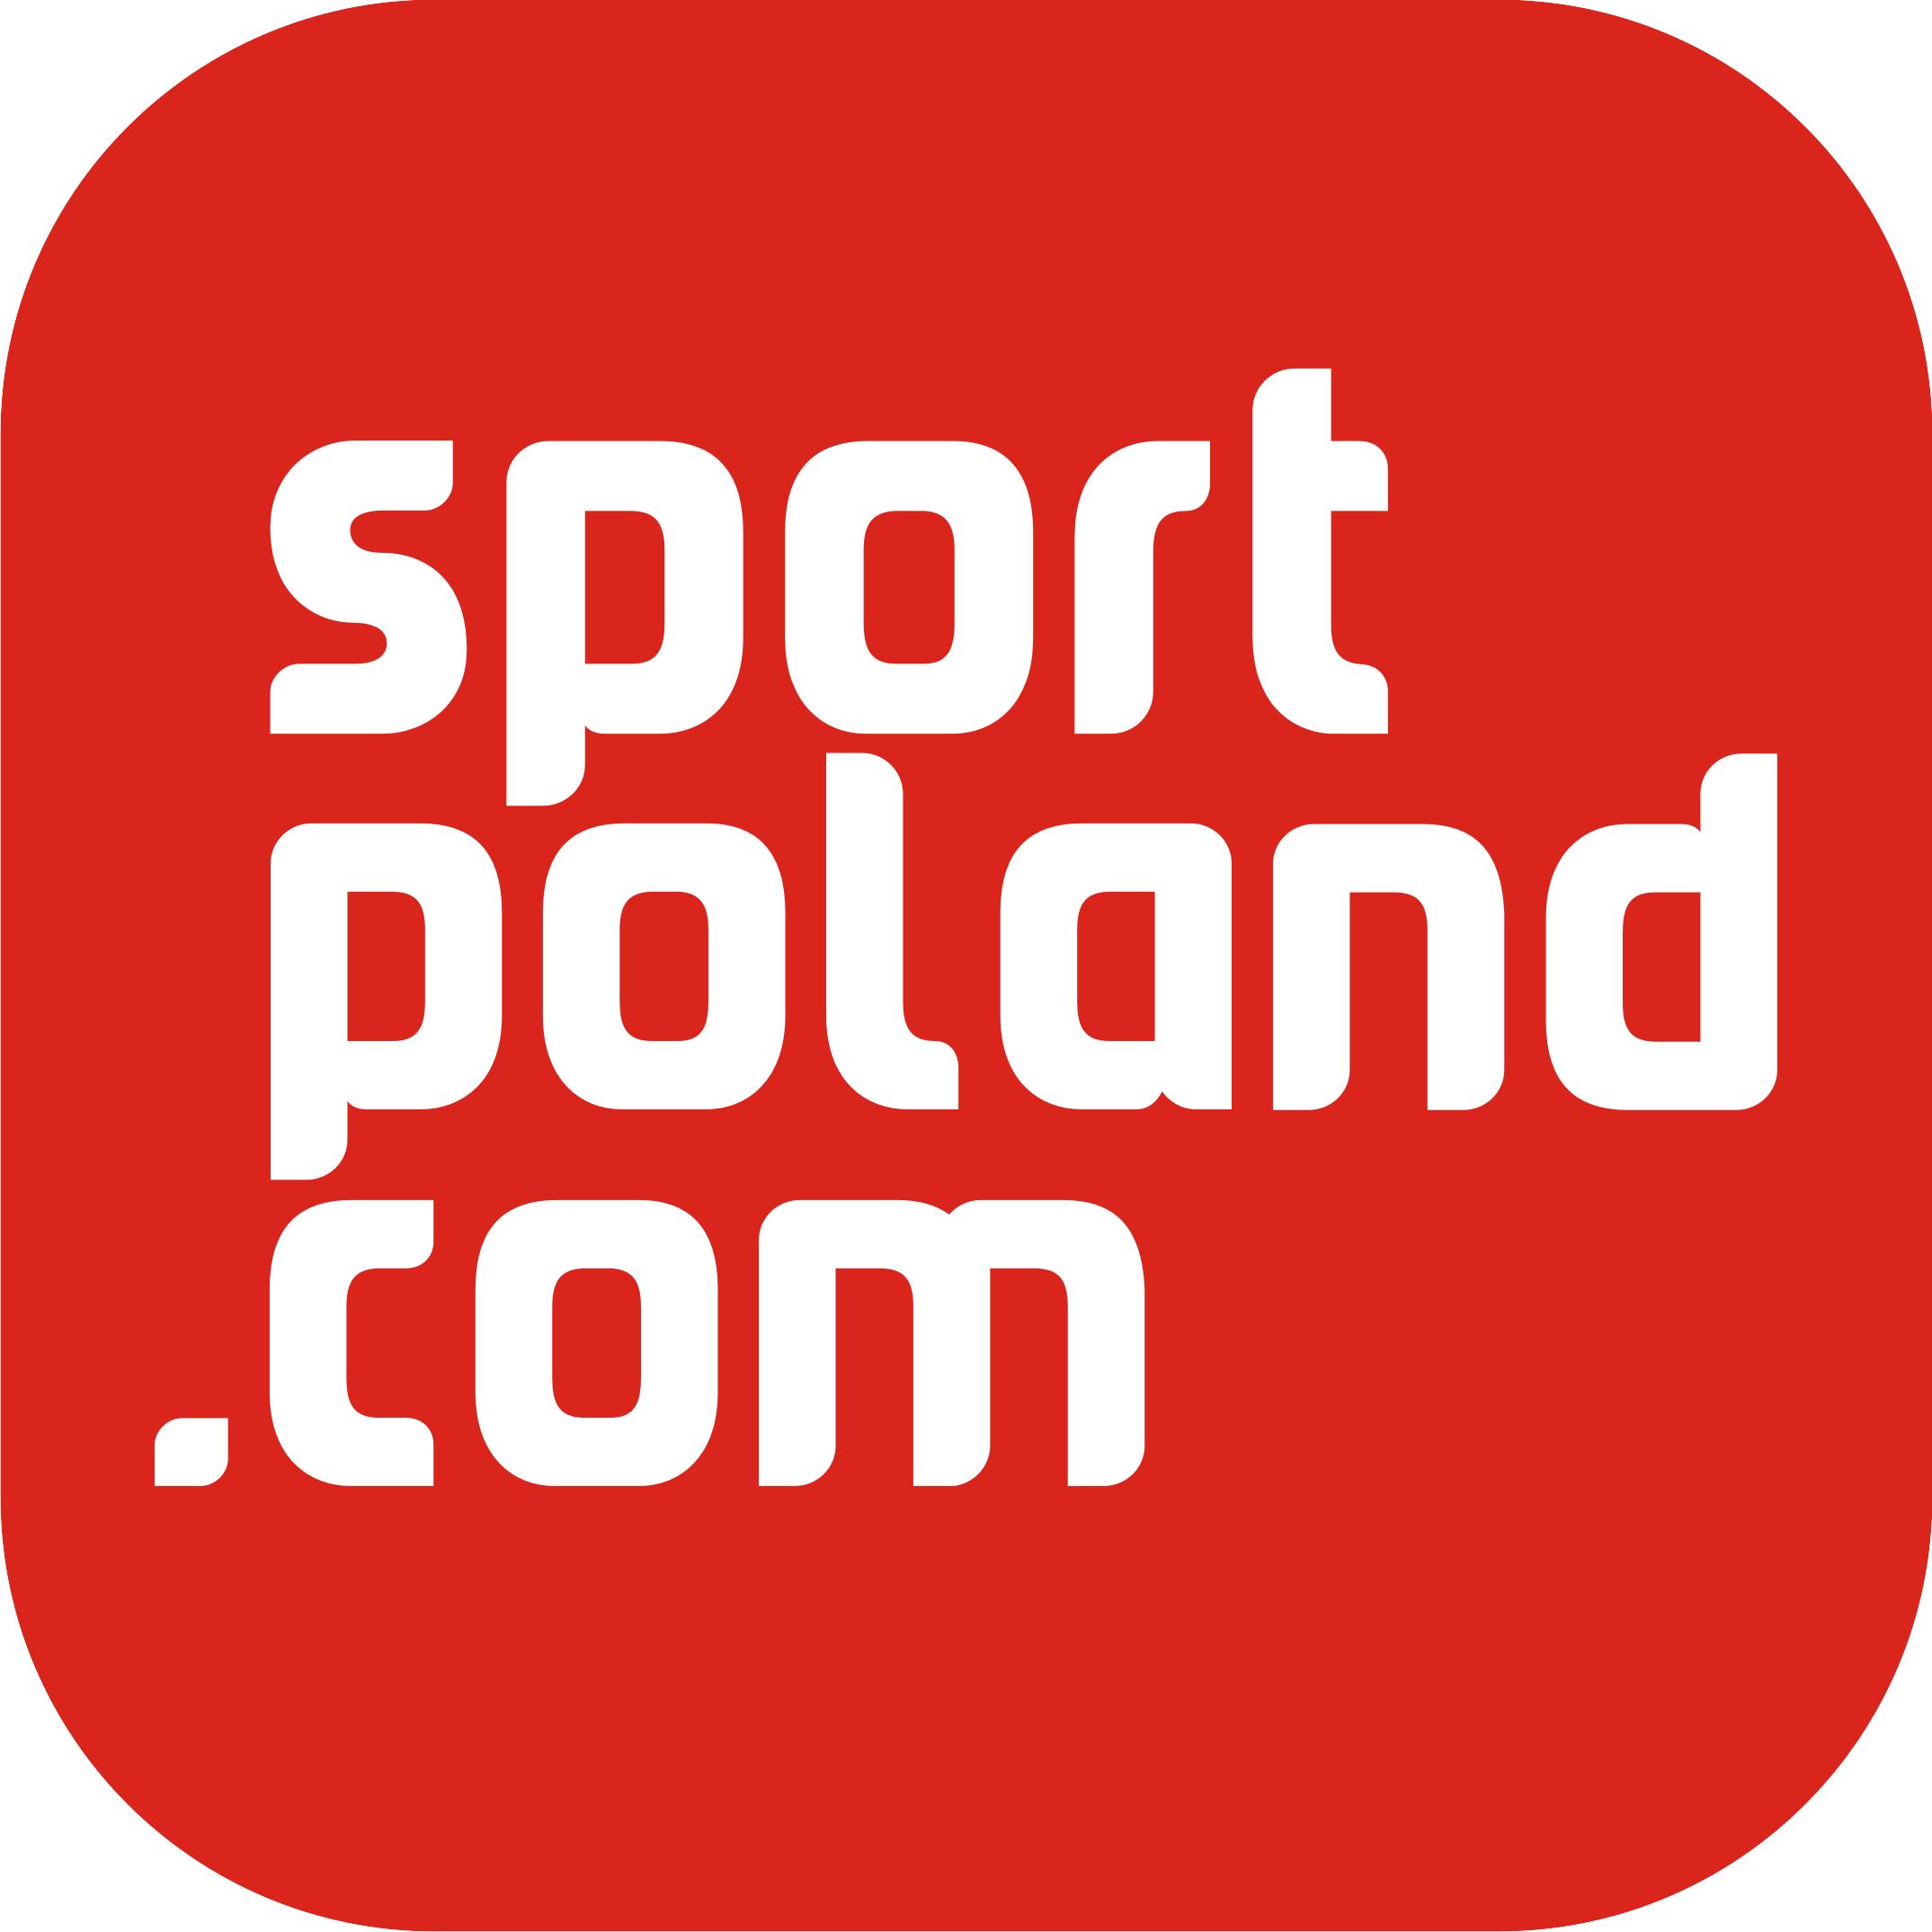 sportpoland.com